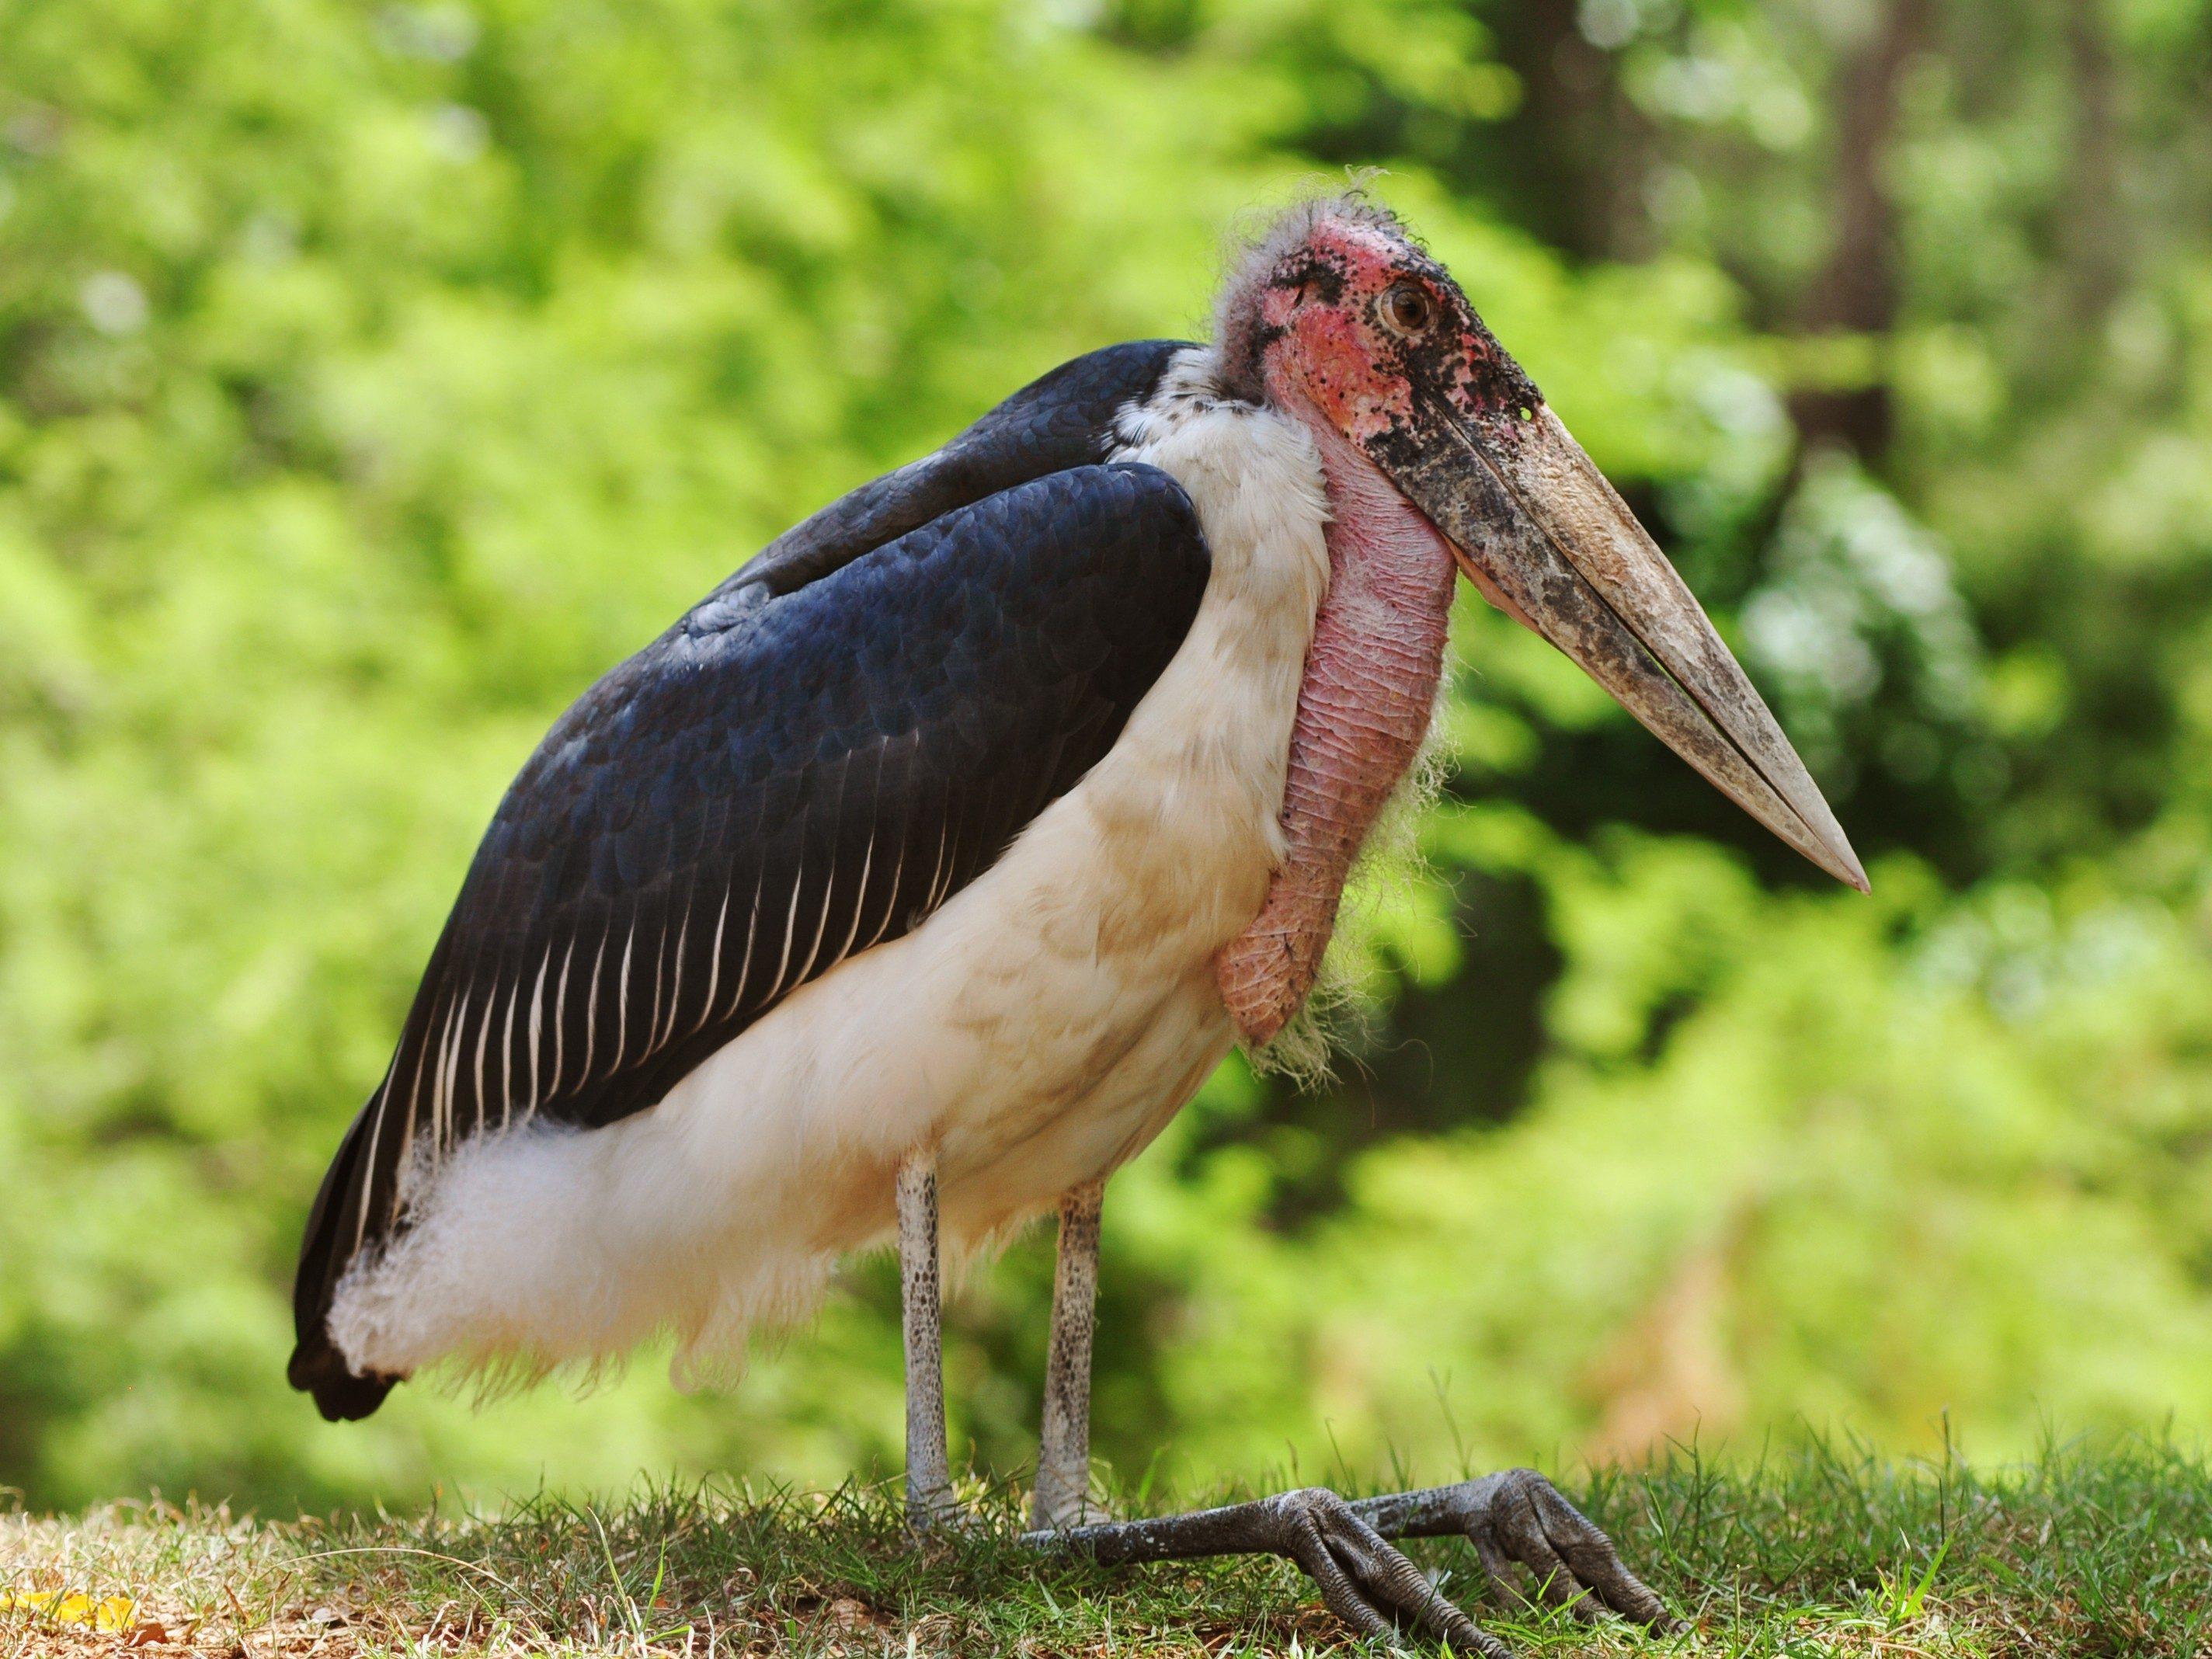 World's Strangest Birds: Marabou Stork